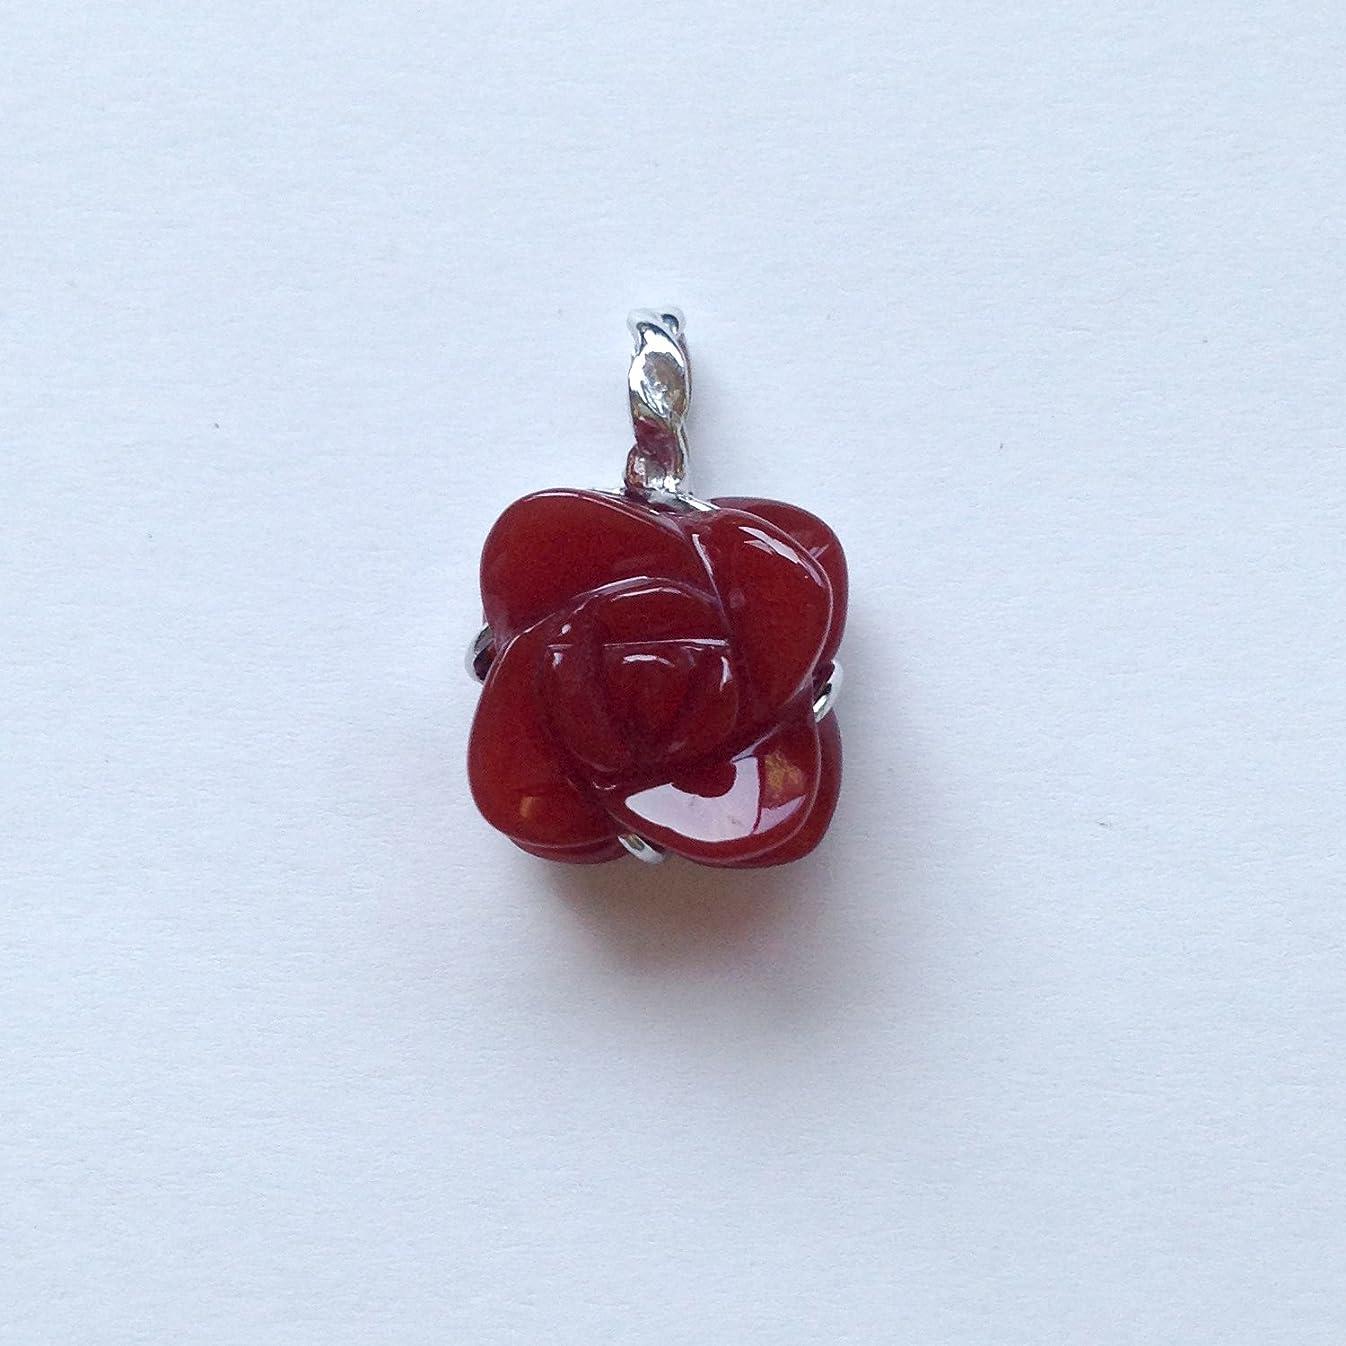 個人的な一時停止無効にする香る宝石SV赤メノウペンダント通常¥26,800の所 (Ag925)